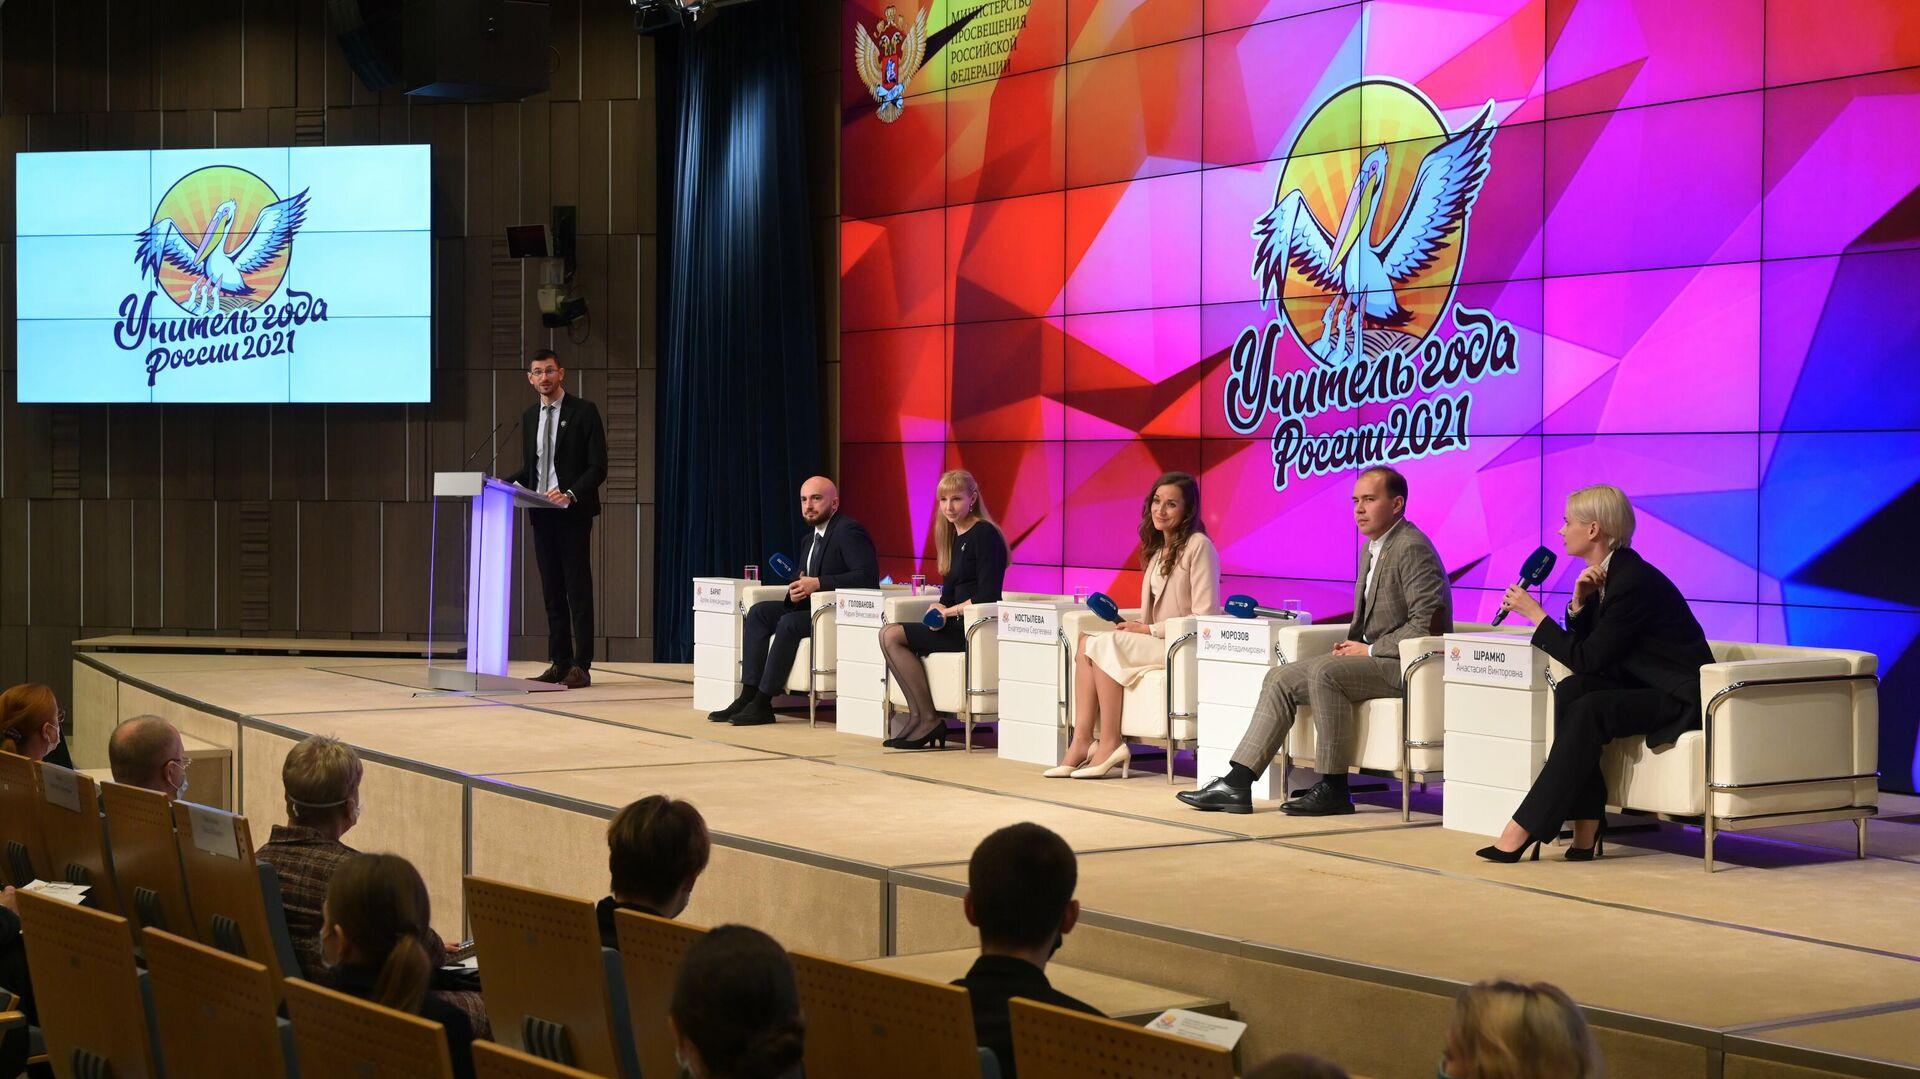 5 призеров конкурса Учитель года России – 2021 - РИА Новости, 1920, 05.10.2021